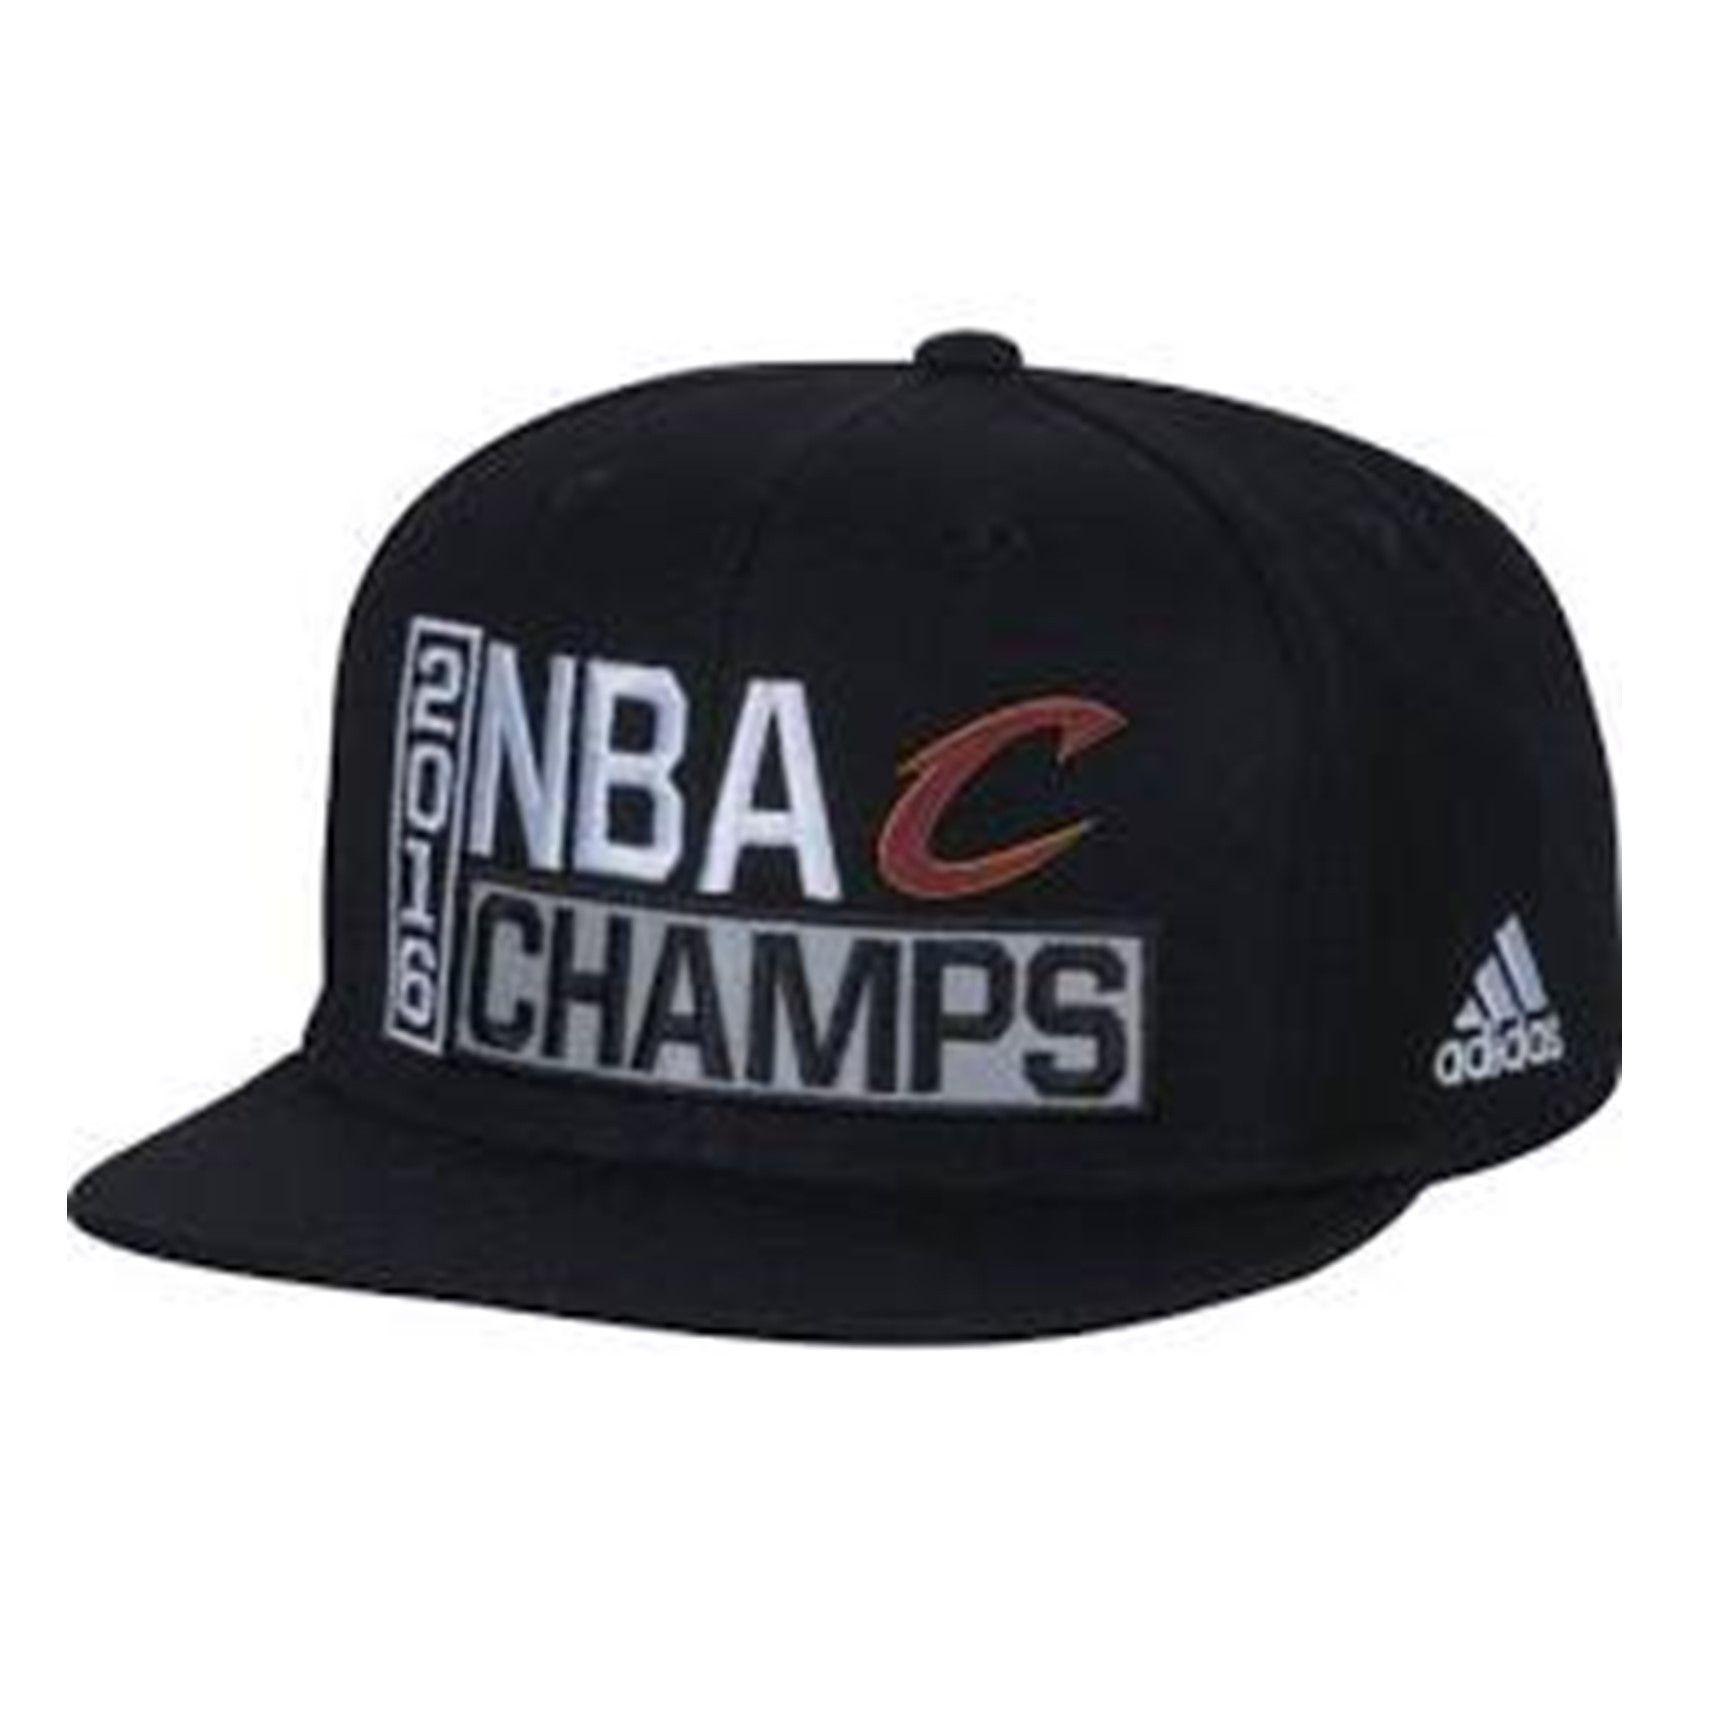 af3d0042d71 2016 Cleveland Cavaliers NBA Champions Hat